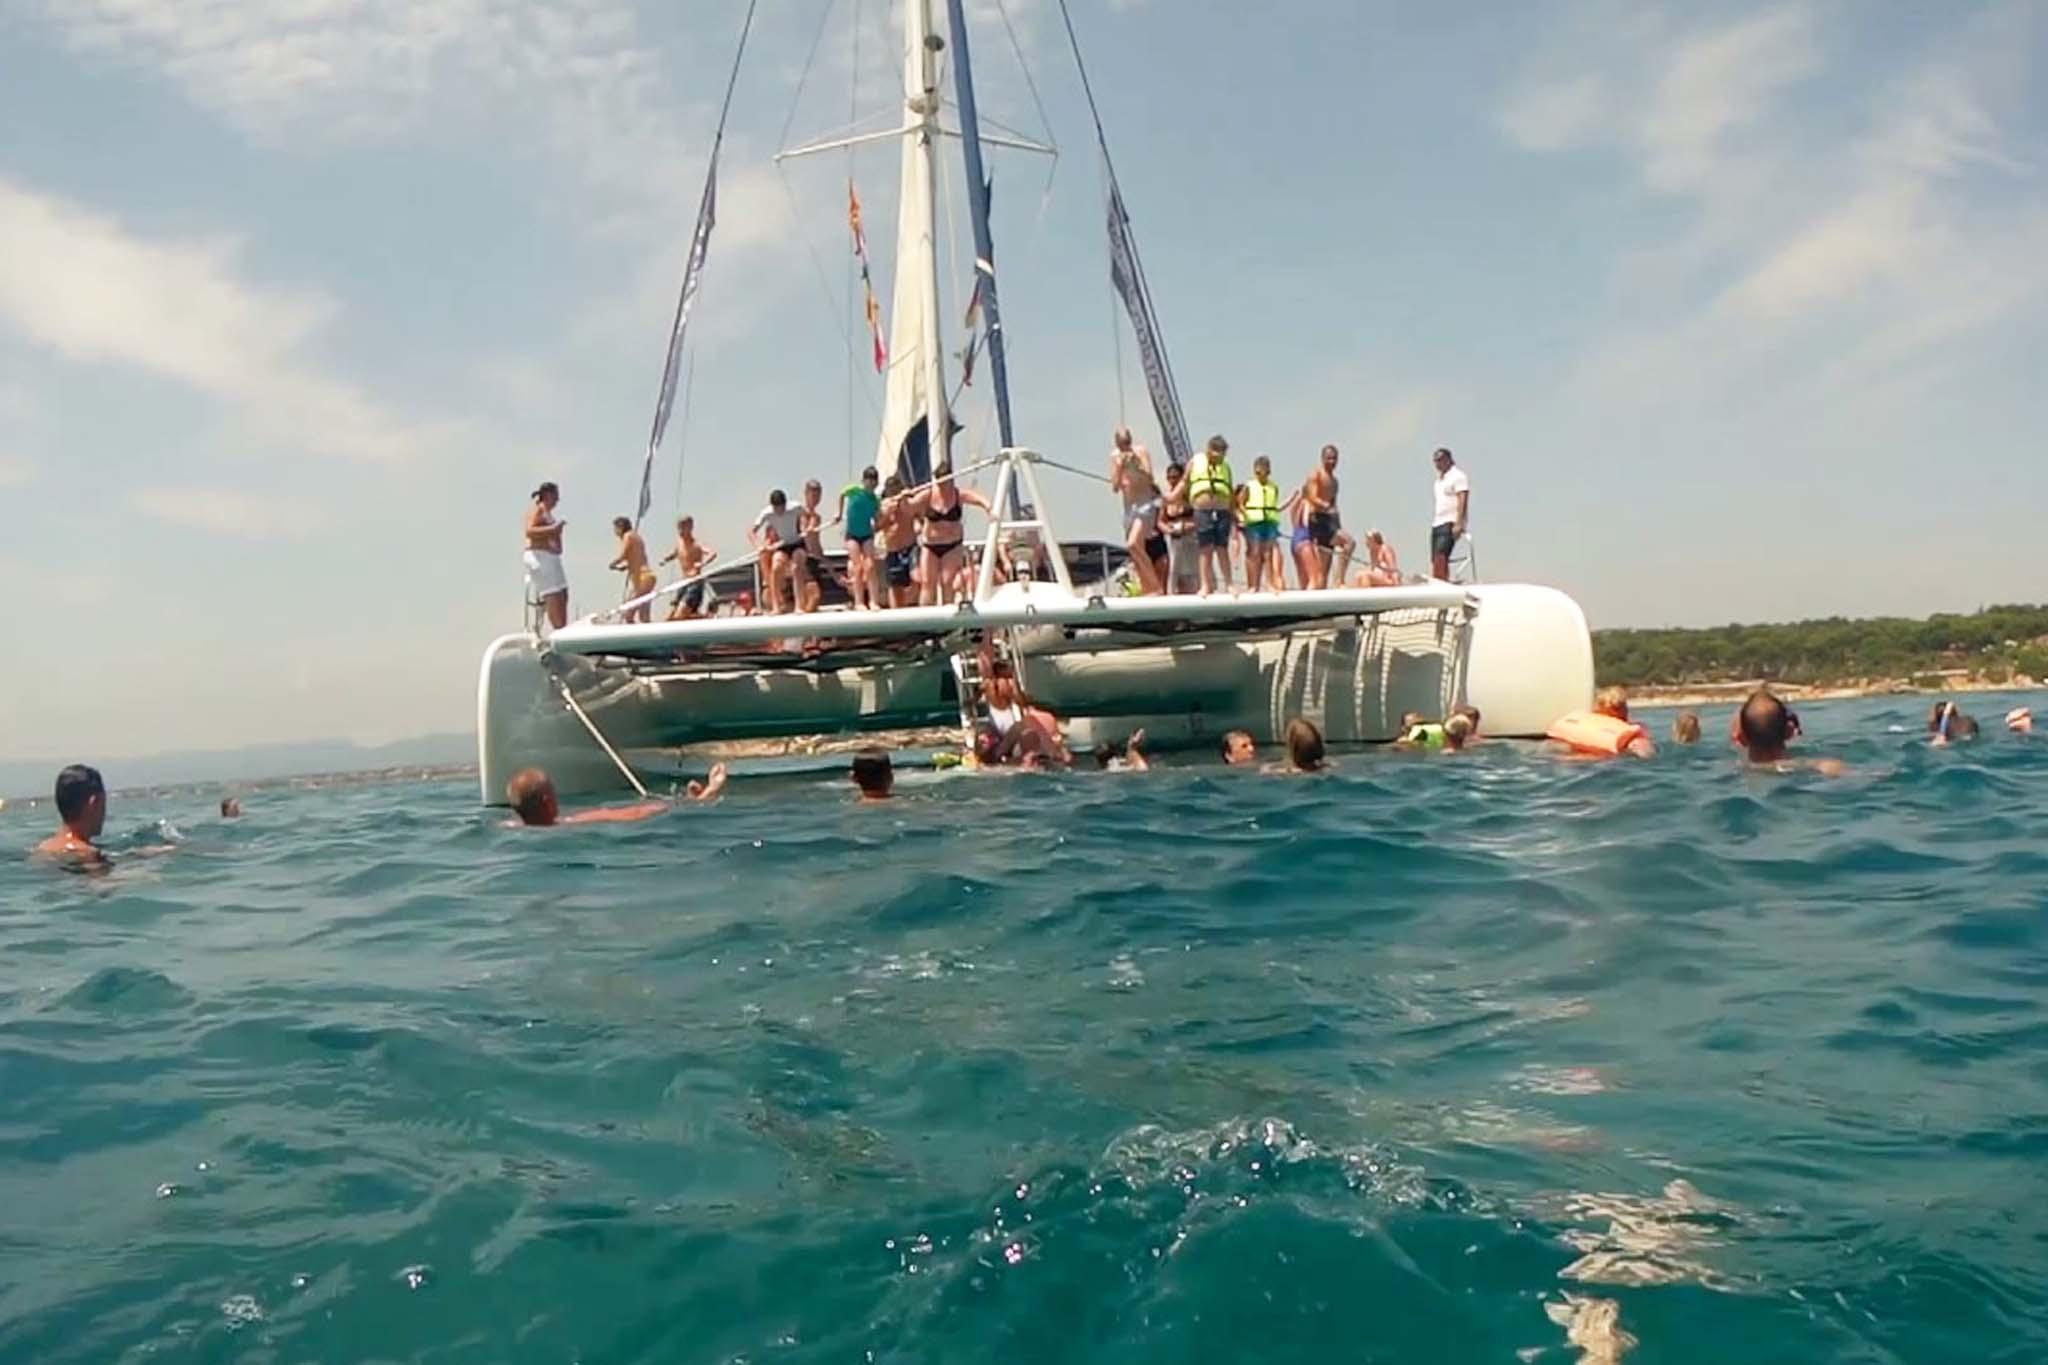 Paseos Catamaran Sitges 2